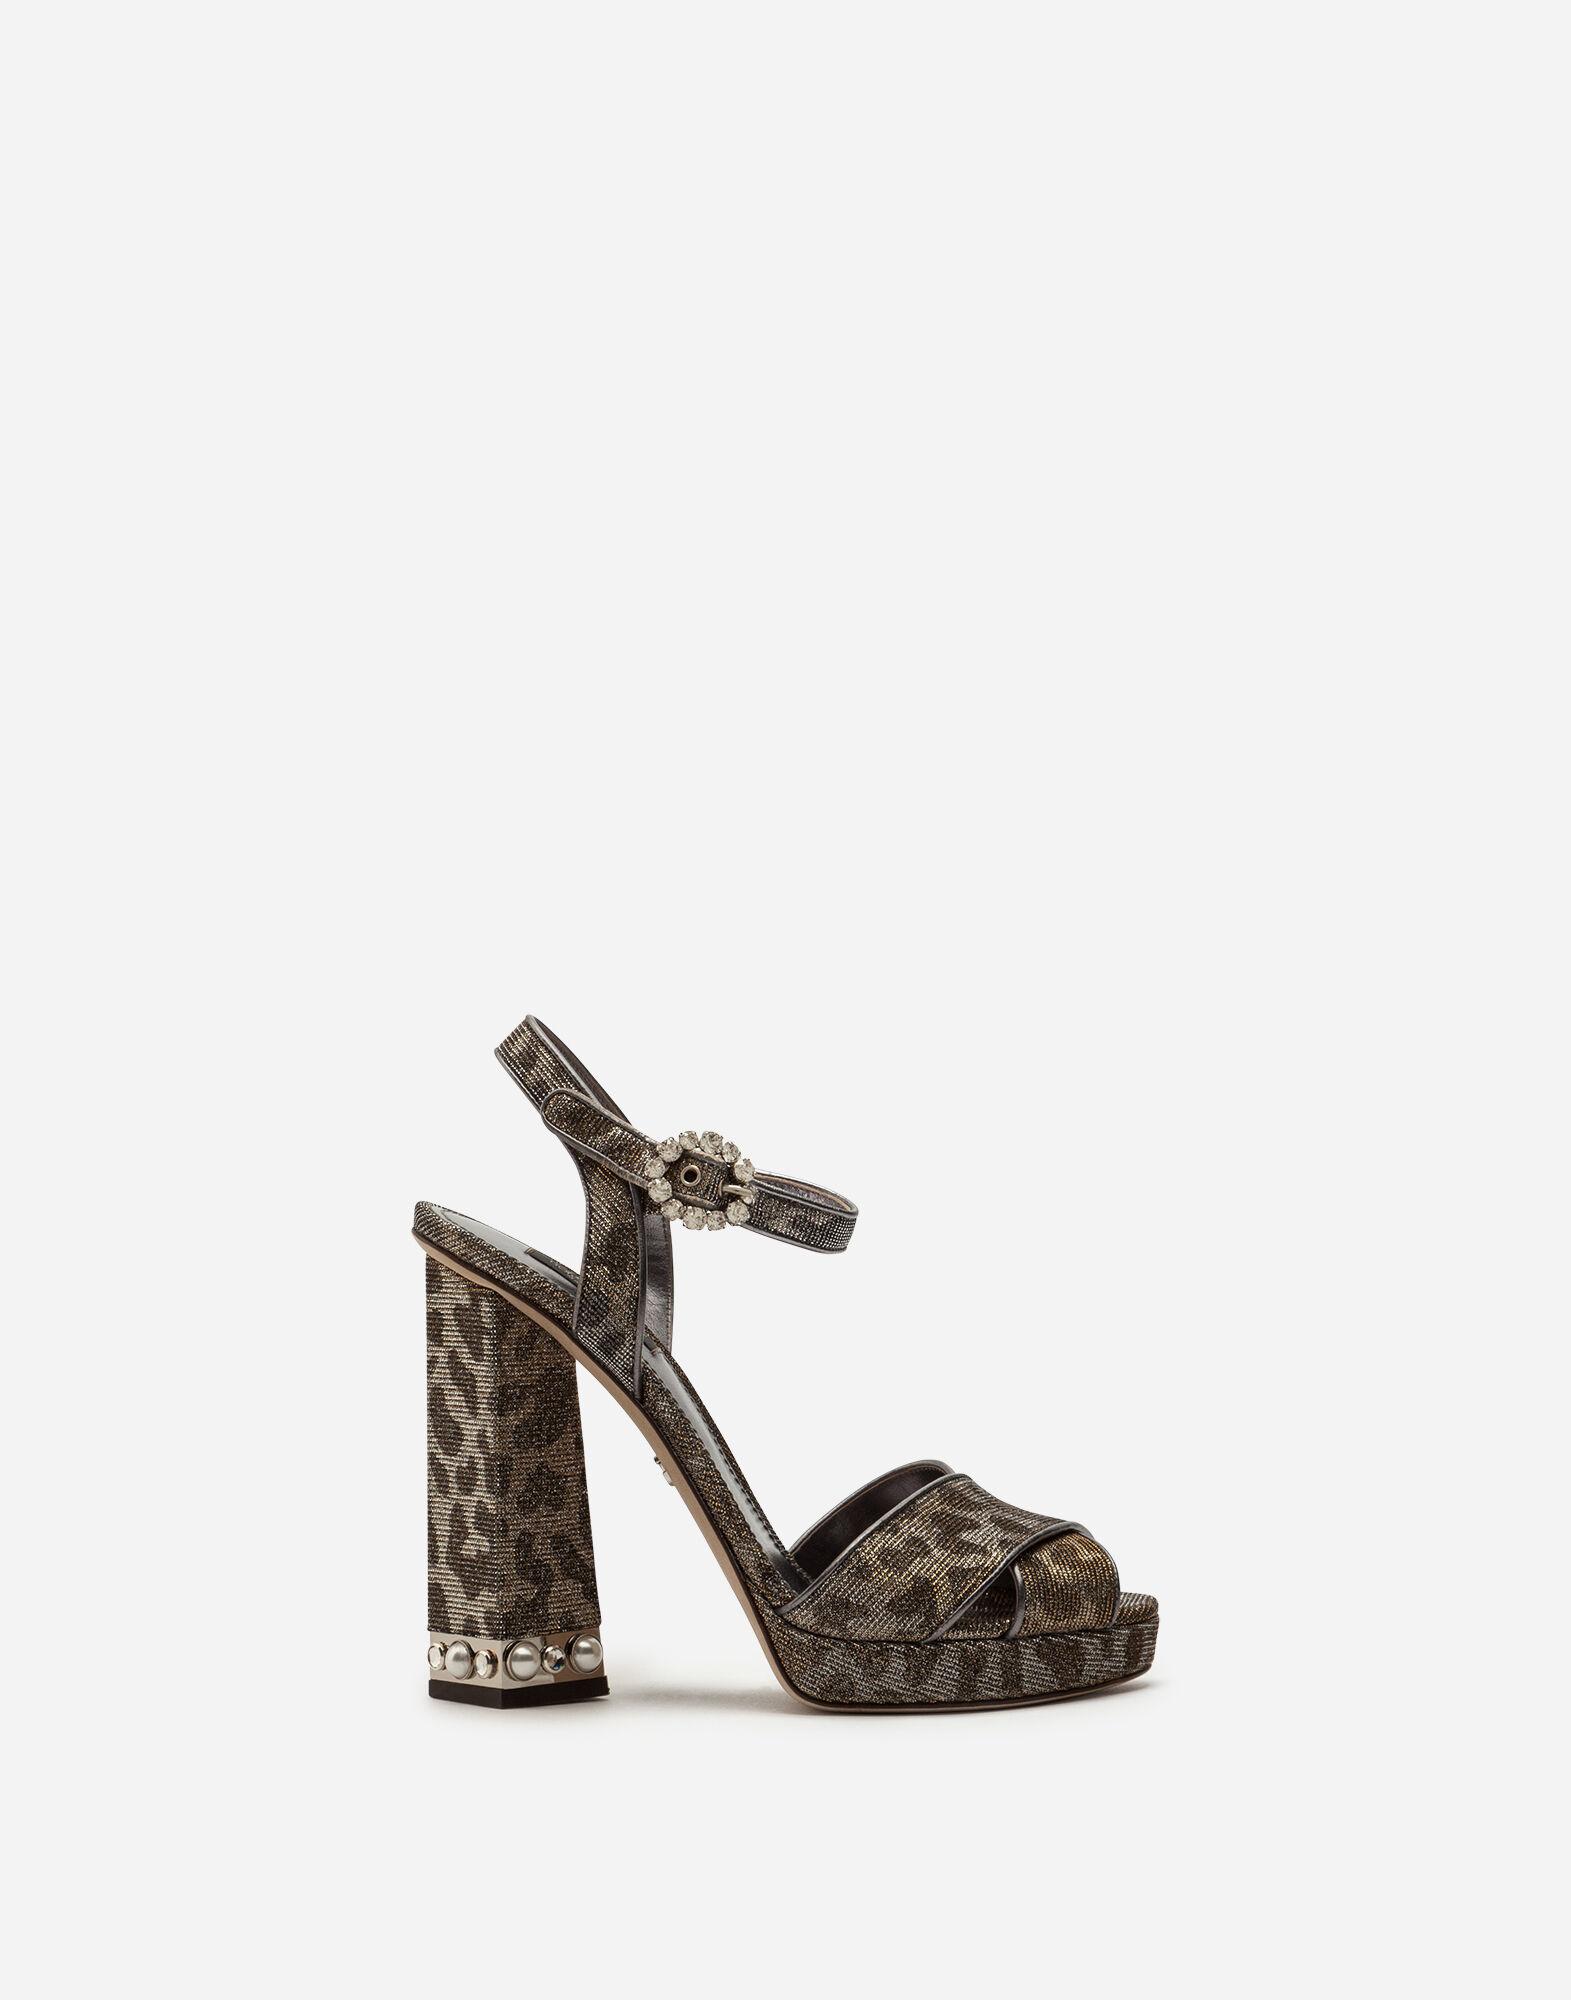 Léopard Sandales Plateau Dolce & Gabbana 8XDw22TA5